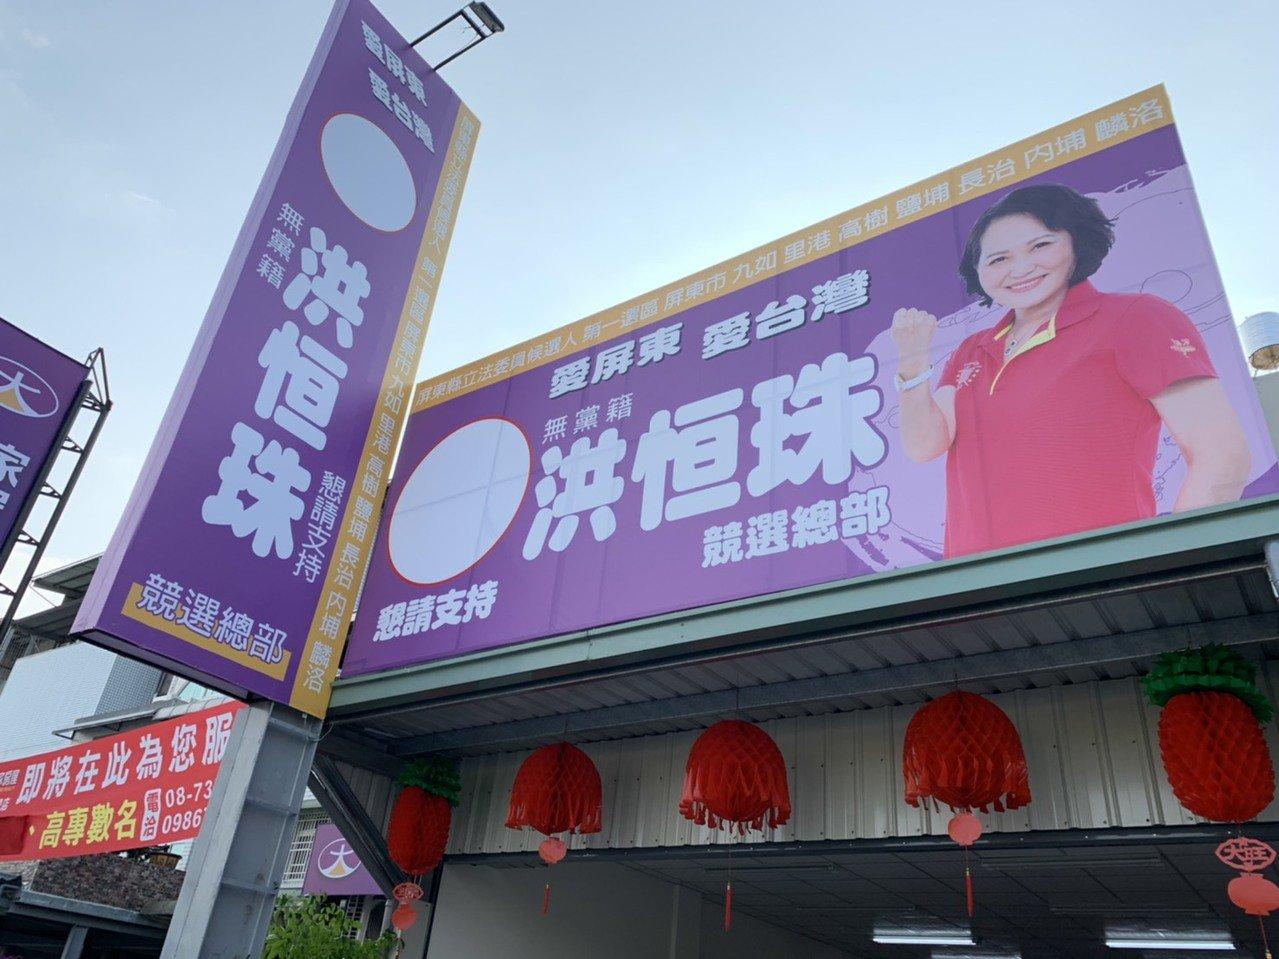 立法院長夫人洪恒珠今天中午宣布退選,戲劇化的轉折連民進黨內部都大感意外,洪恒珠競...